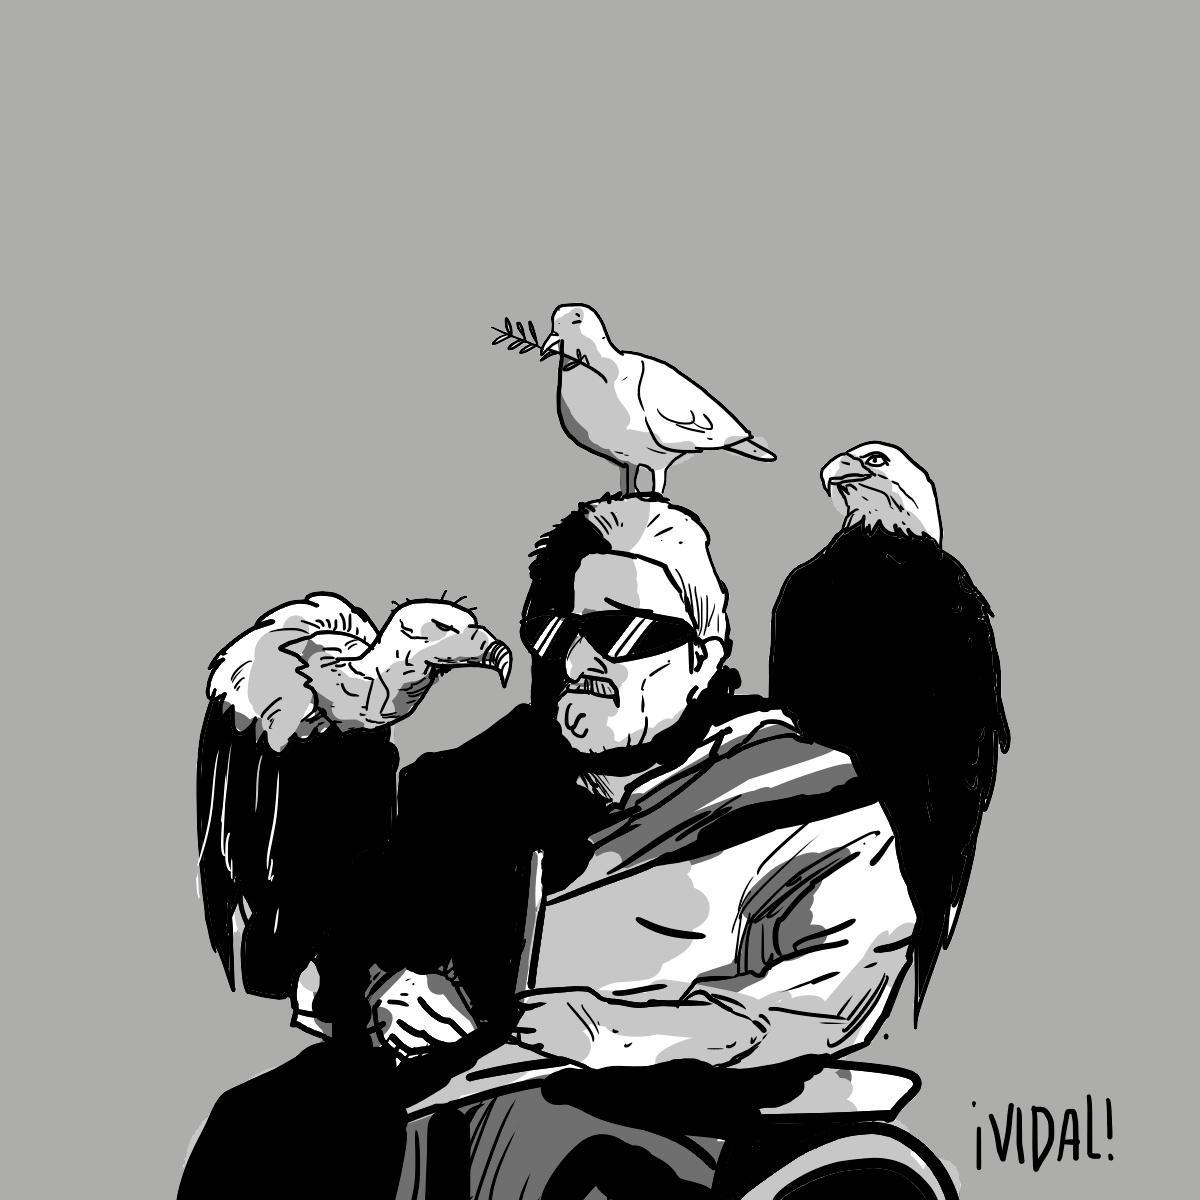 Caricatura 19 de mayo de 2019